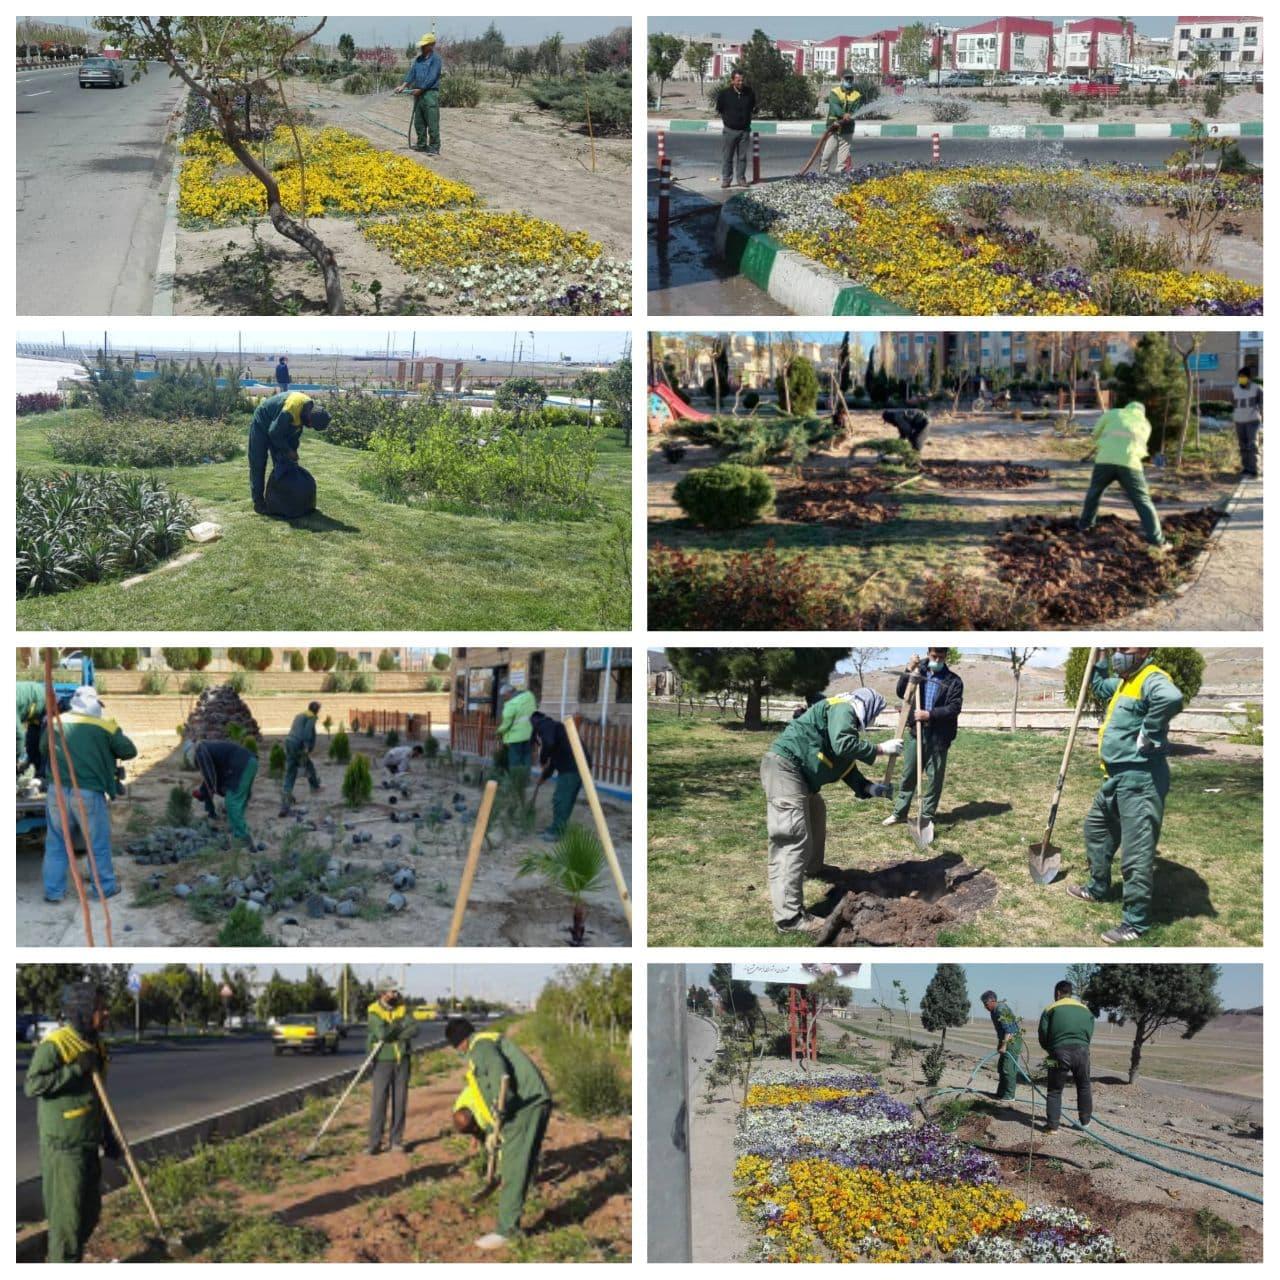 گام های سبز مدیریت شهری پرند برای زیبایی و آراستگی شهر